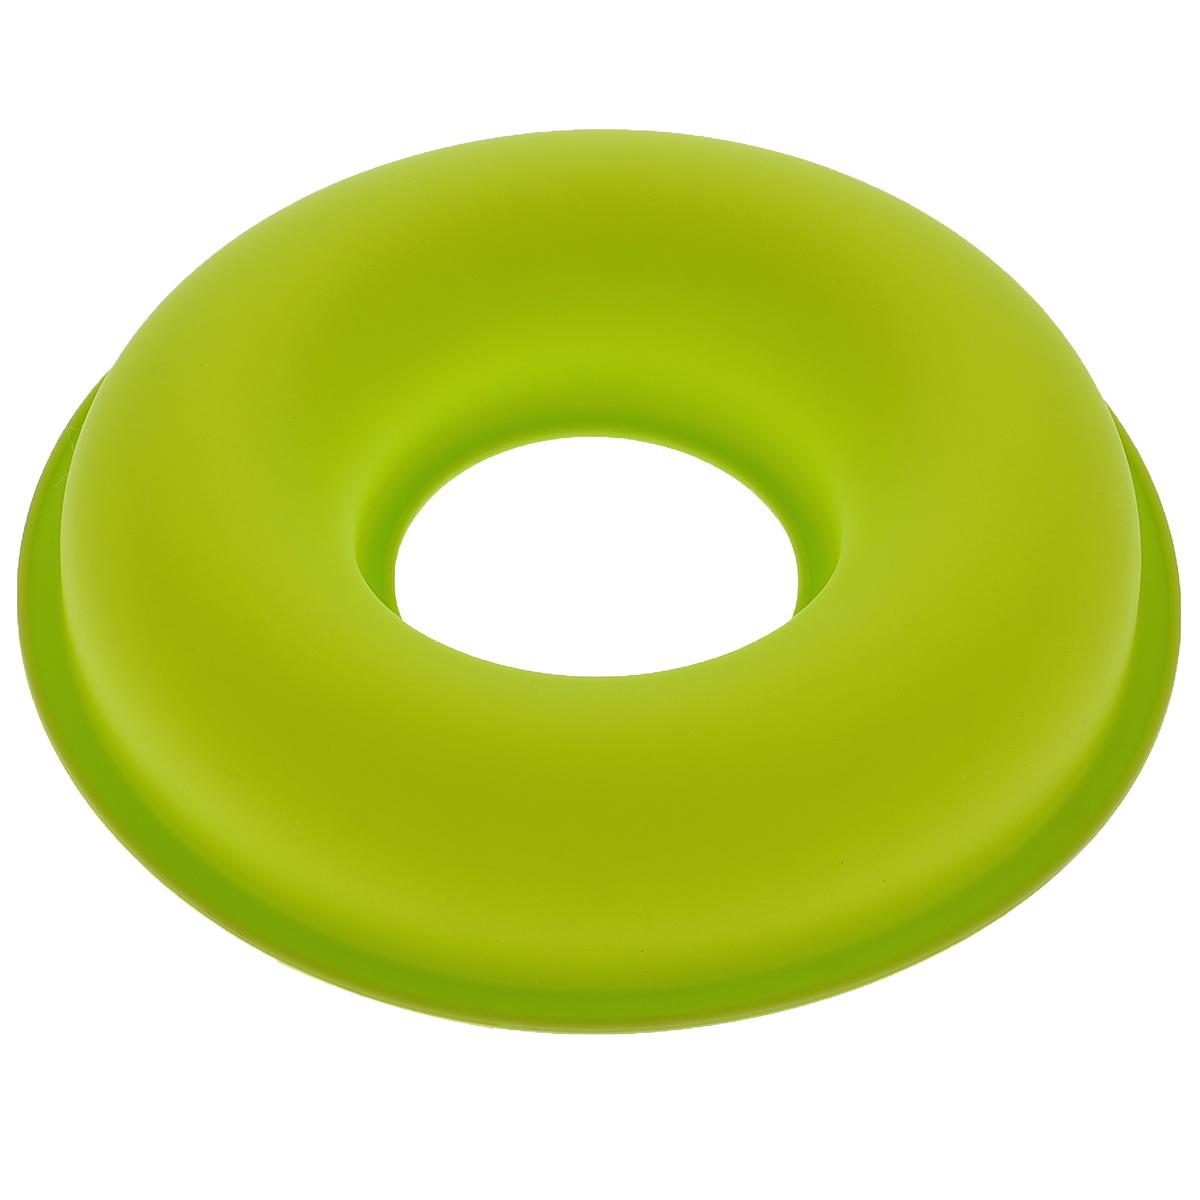 Форма для выпечки Bekker Круг, силиконовая, цвет: салатовый, диаметр 26,5 смВК-9468Форма для выпечки Bekker Круг изготовлена из силикона. Силиконовые формы для выпечки имеют много преимуществ по сравнению с традиционными металлическими формами и противнями. Они идеально подходят для использования в микроволновых, газовых и электрических печах при температурах до +250°С; в случае заморозки до -50°С. Можно мыть в посудомоечной машине. За счет высокой теплопроводности силикона изделия выпекаются заметно быстрее. Благодаря гибкости и антиприлипающим свойствам силикона, готовое изделие легко извлекается из формы. Для этого достаточно отогнуть края и вывернуть форму (выпечке дайте немного остыть, а замороженный продукт лучше вынимать сразу). Силикон абсолютно безвреден для здоровья, не впитывает запахи, не оставляет пятен, легко моется. Форма для выпечки Bekker Круг - практичный и необходимый подарок любой хозяйке!